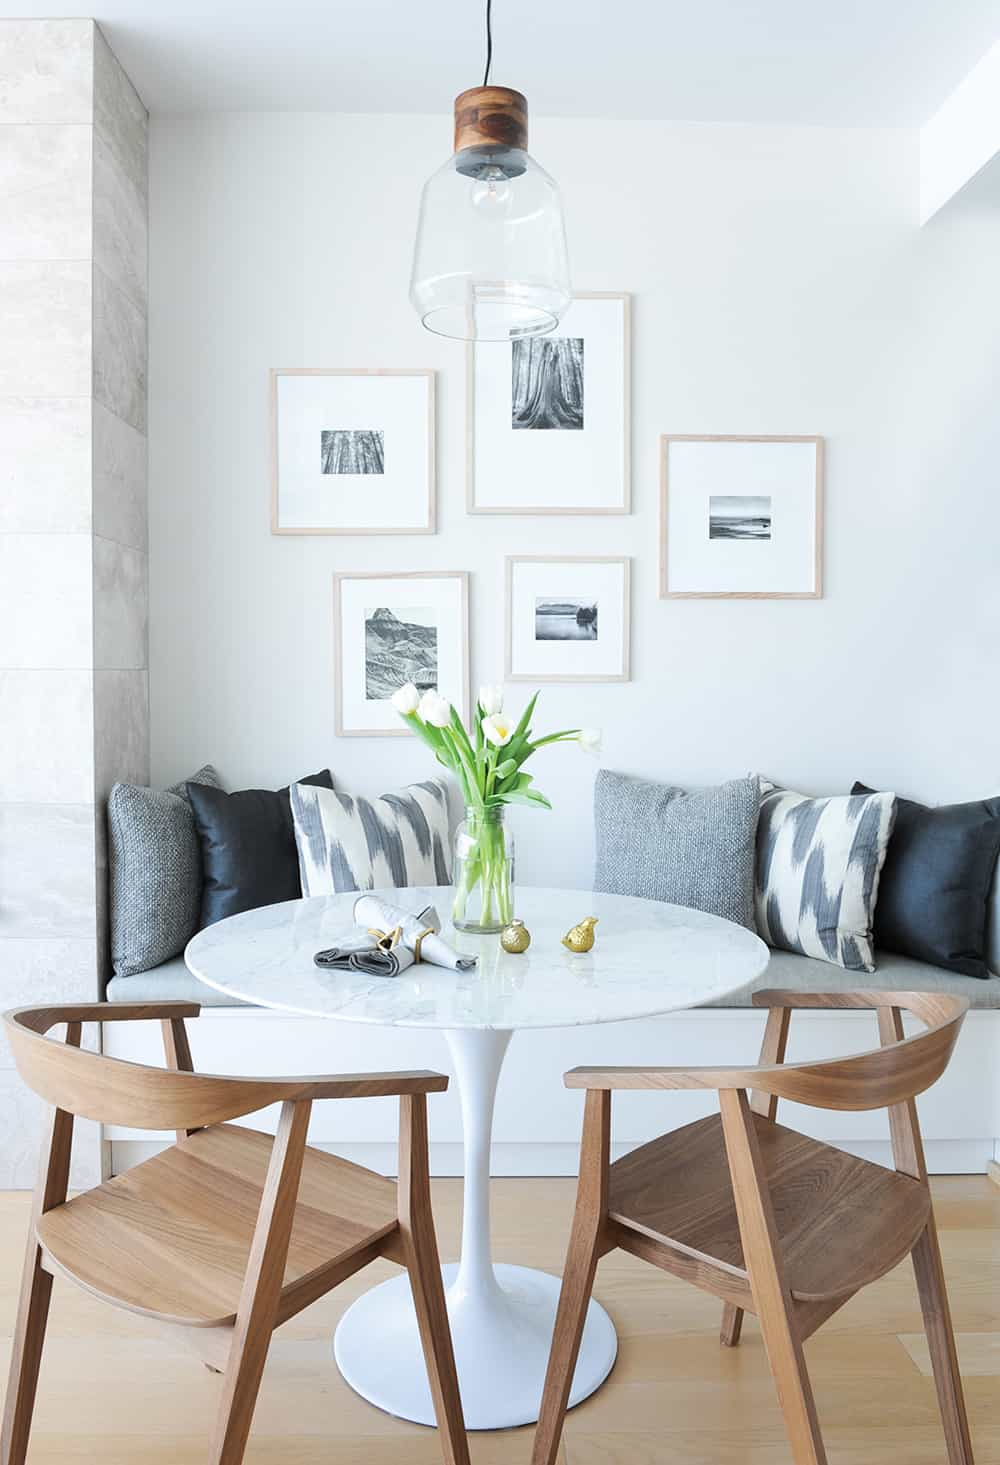 Cool modern breakfast area